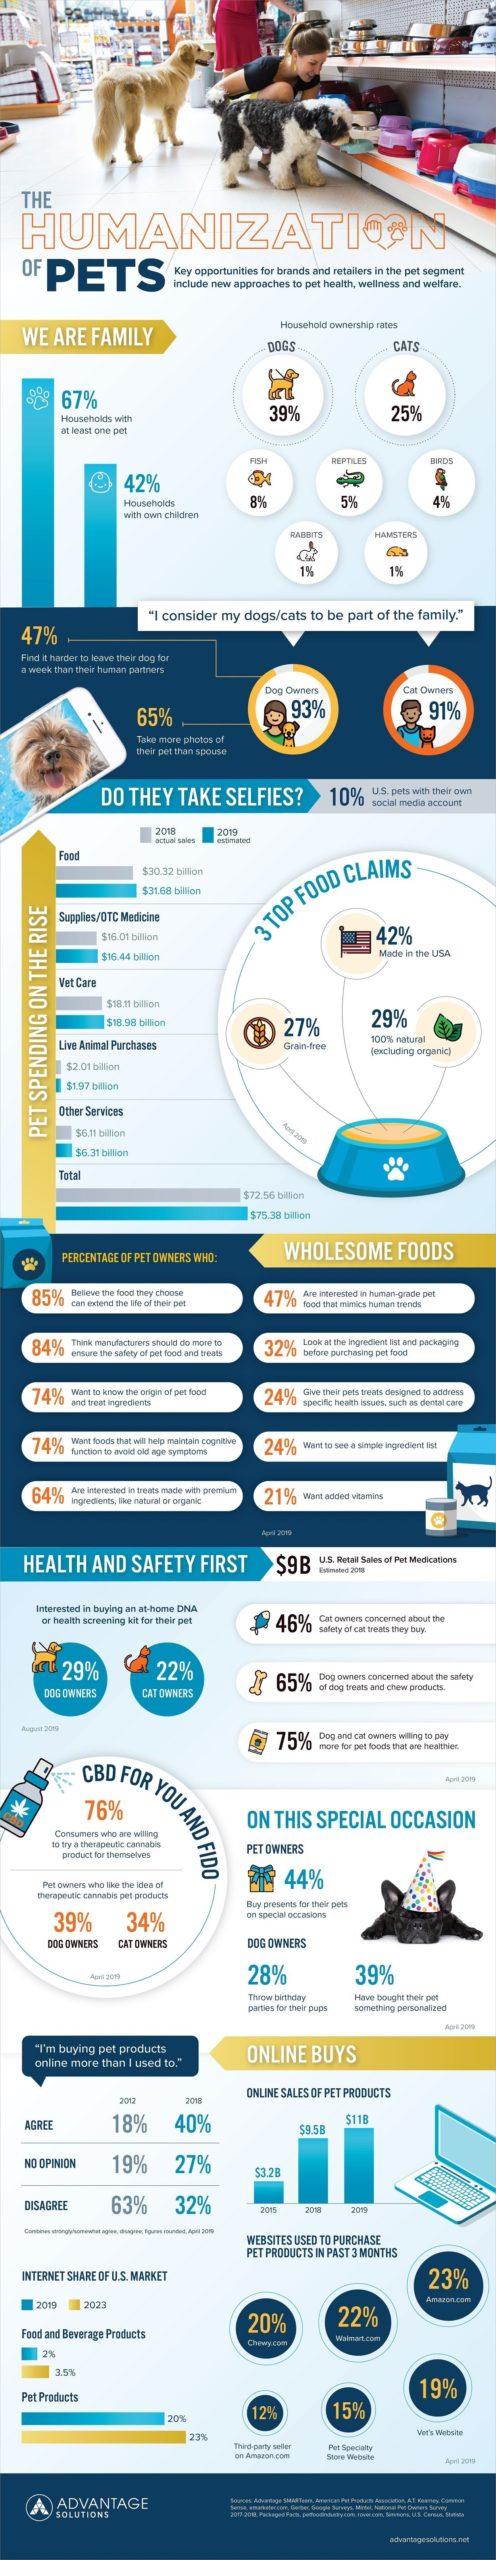 Humanization Pets info